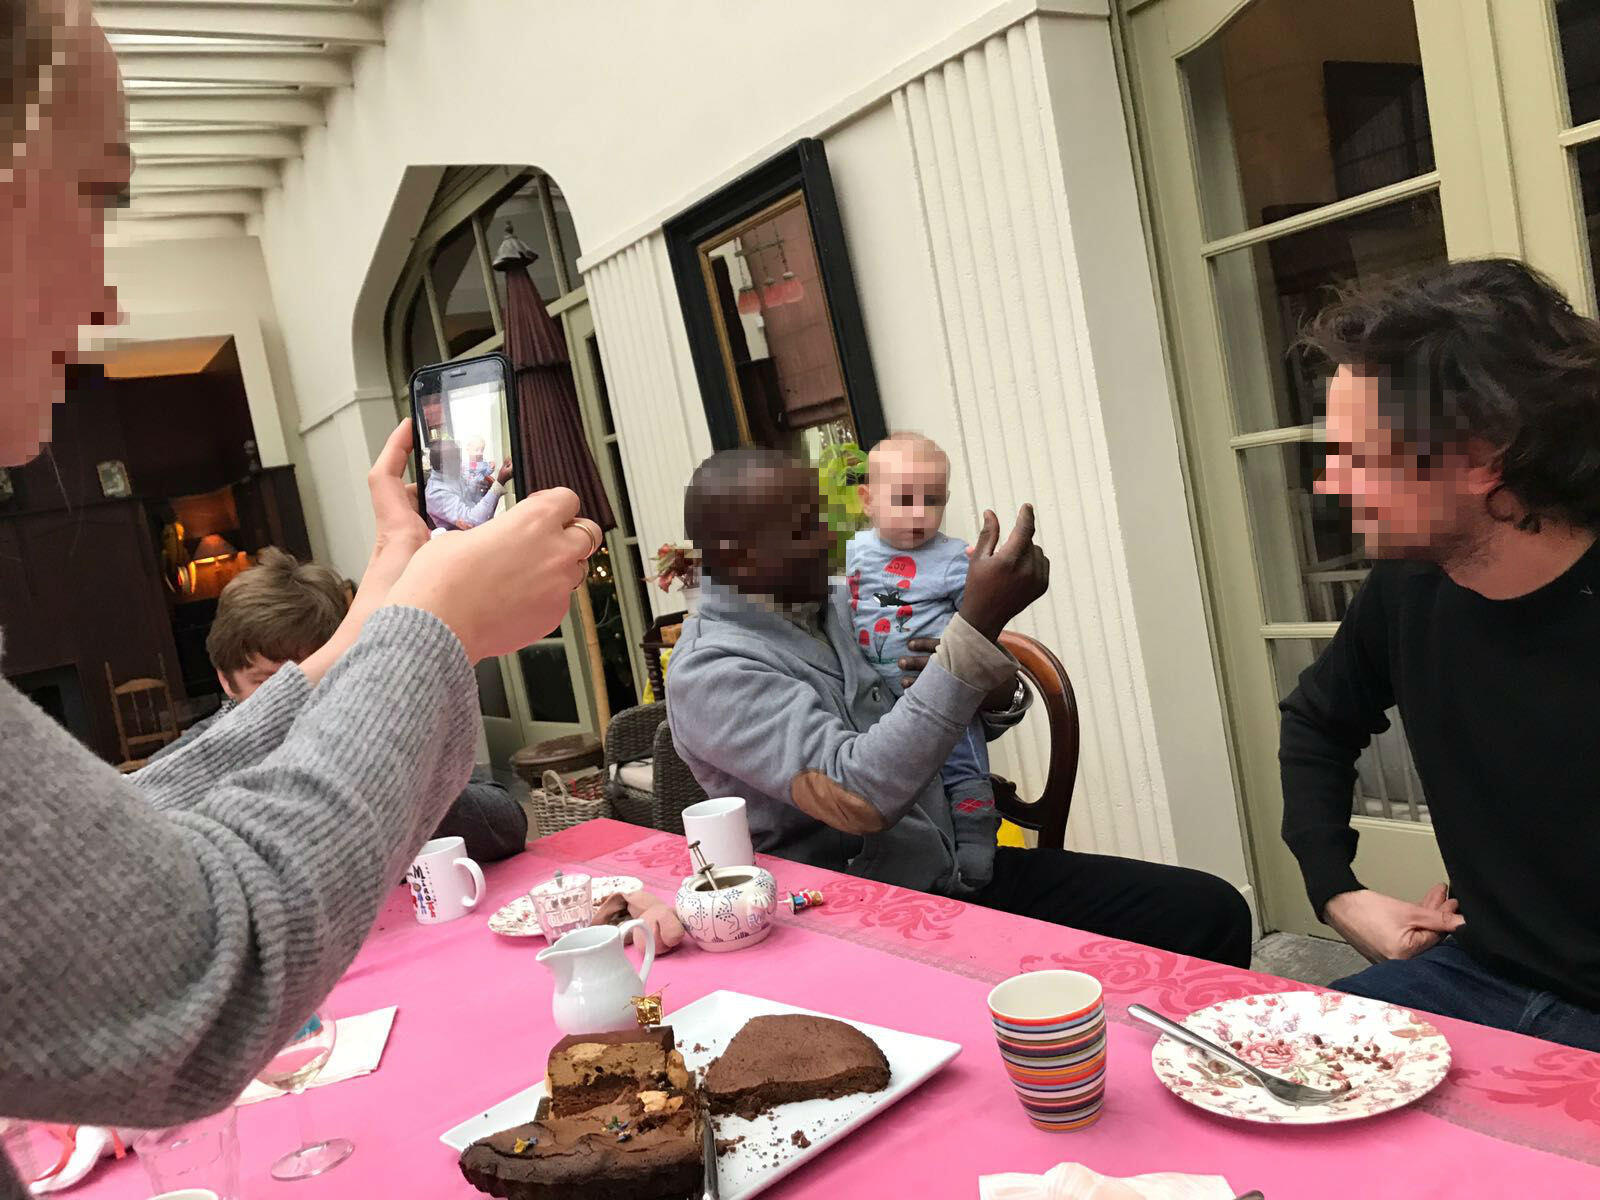 مهاجر في بيت عائلة بلجيكية في فترة عيد الميلاد، بفضل مجموعة الفيسبوك Plateforme citoyenne. الصورة أرسلها حسن.